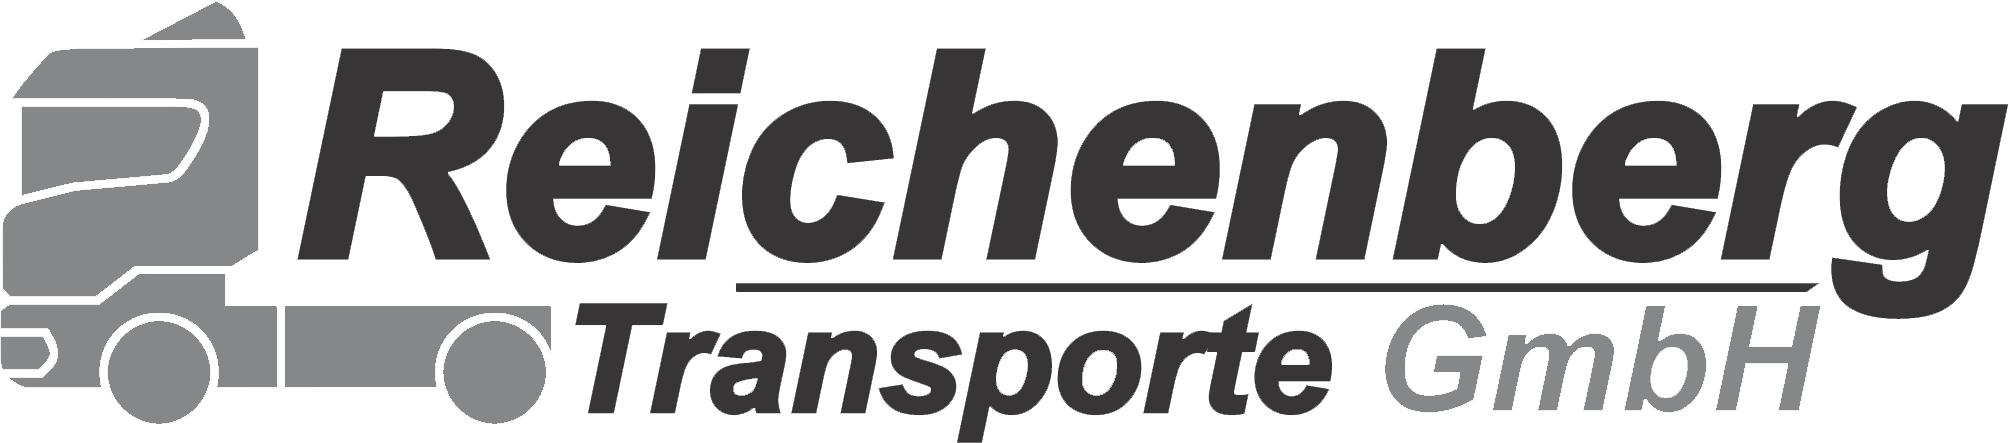 Reichenberg Transporte GmbH